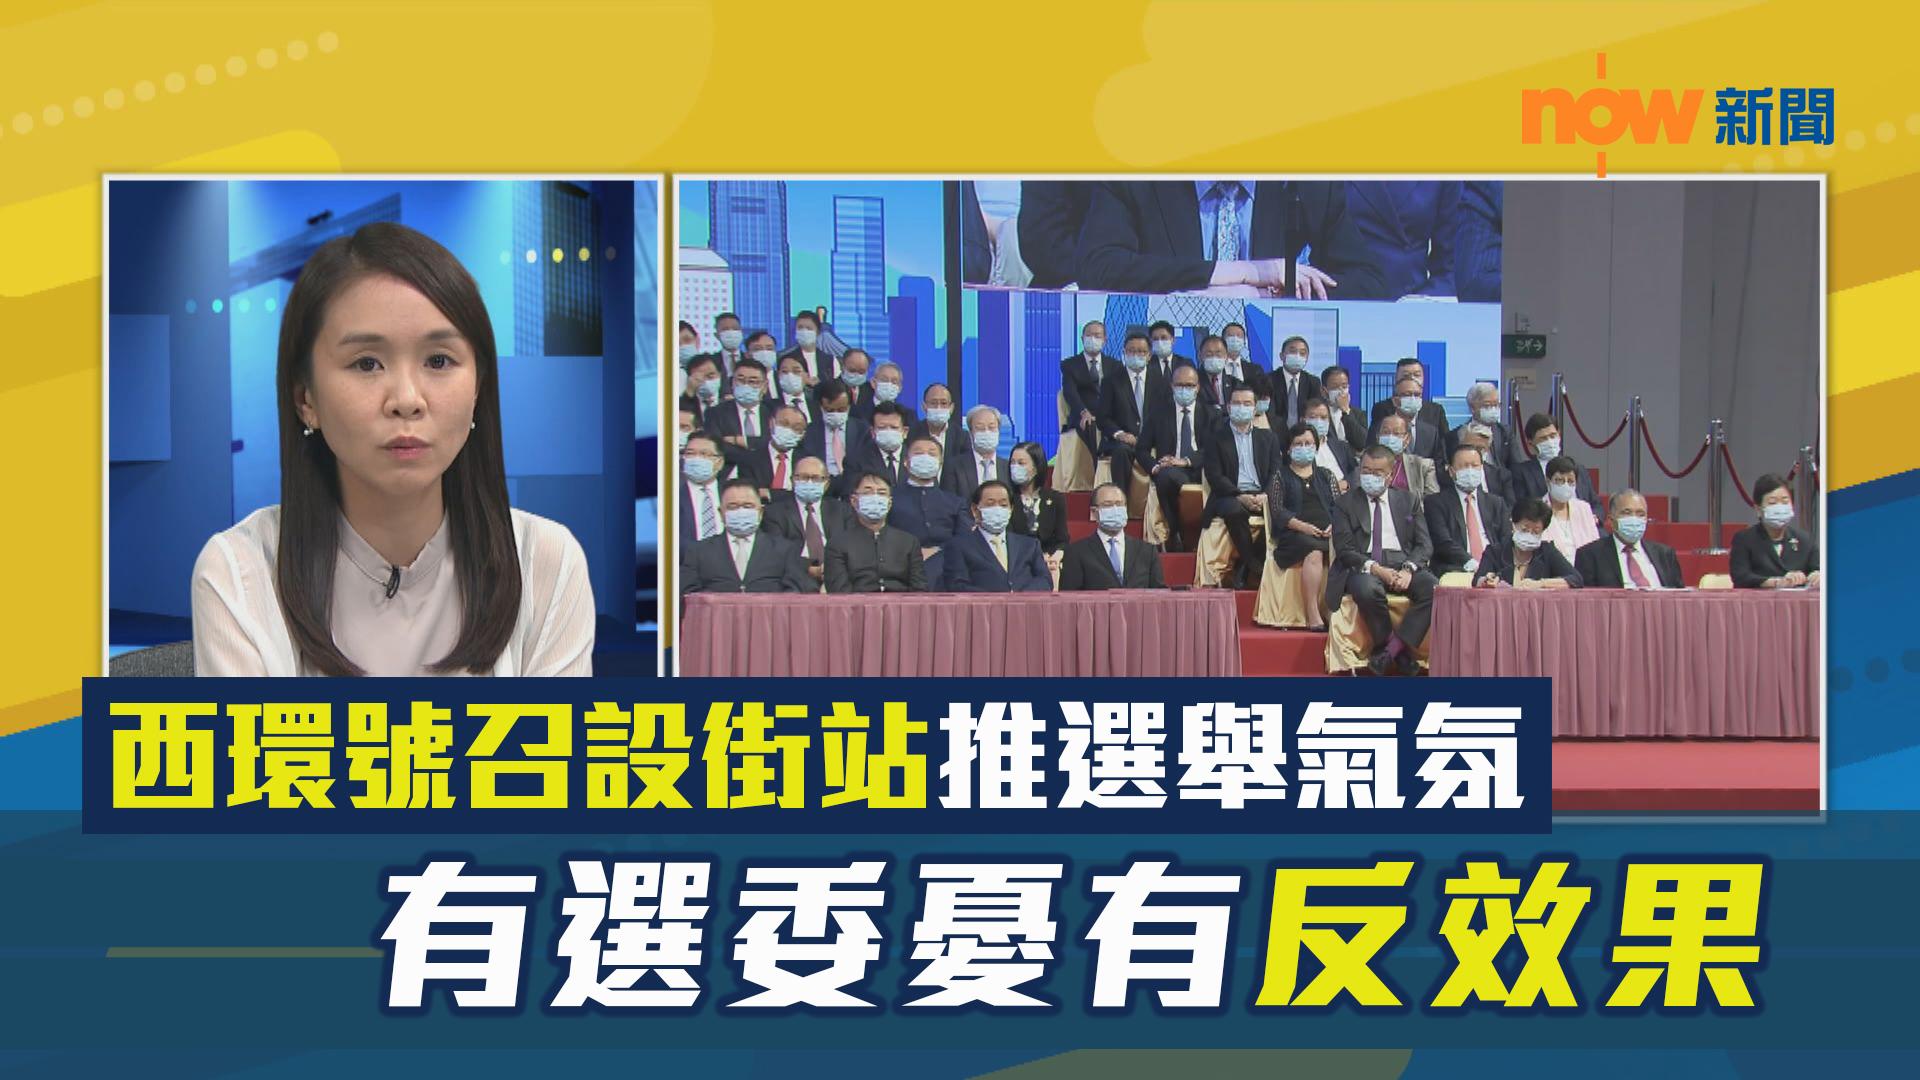 【政情】西環號召設街站推選舉氣氛 有選委憂有反效果